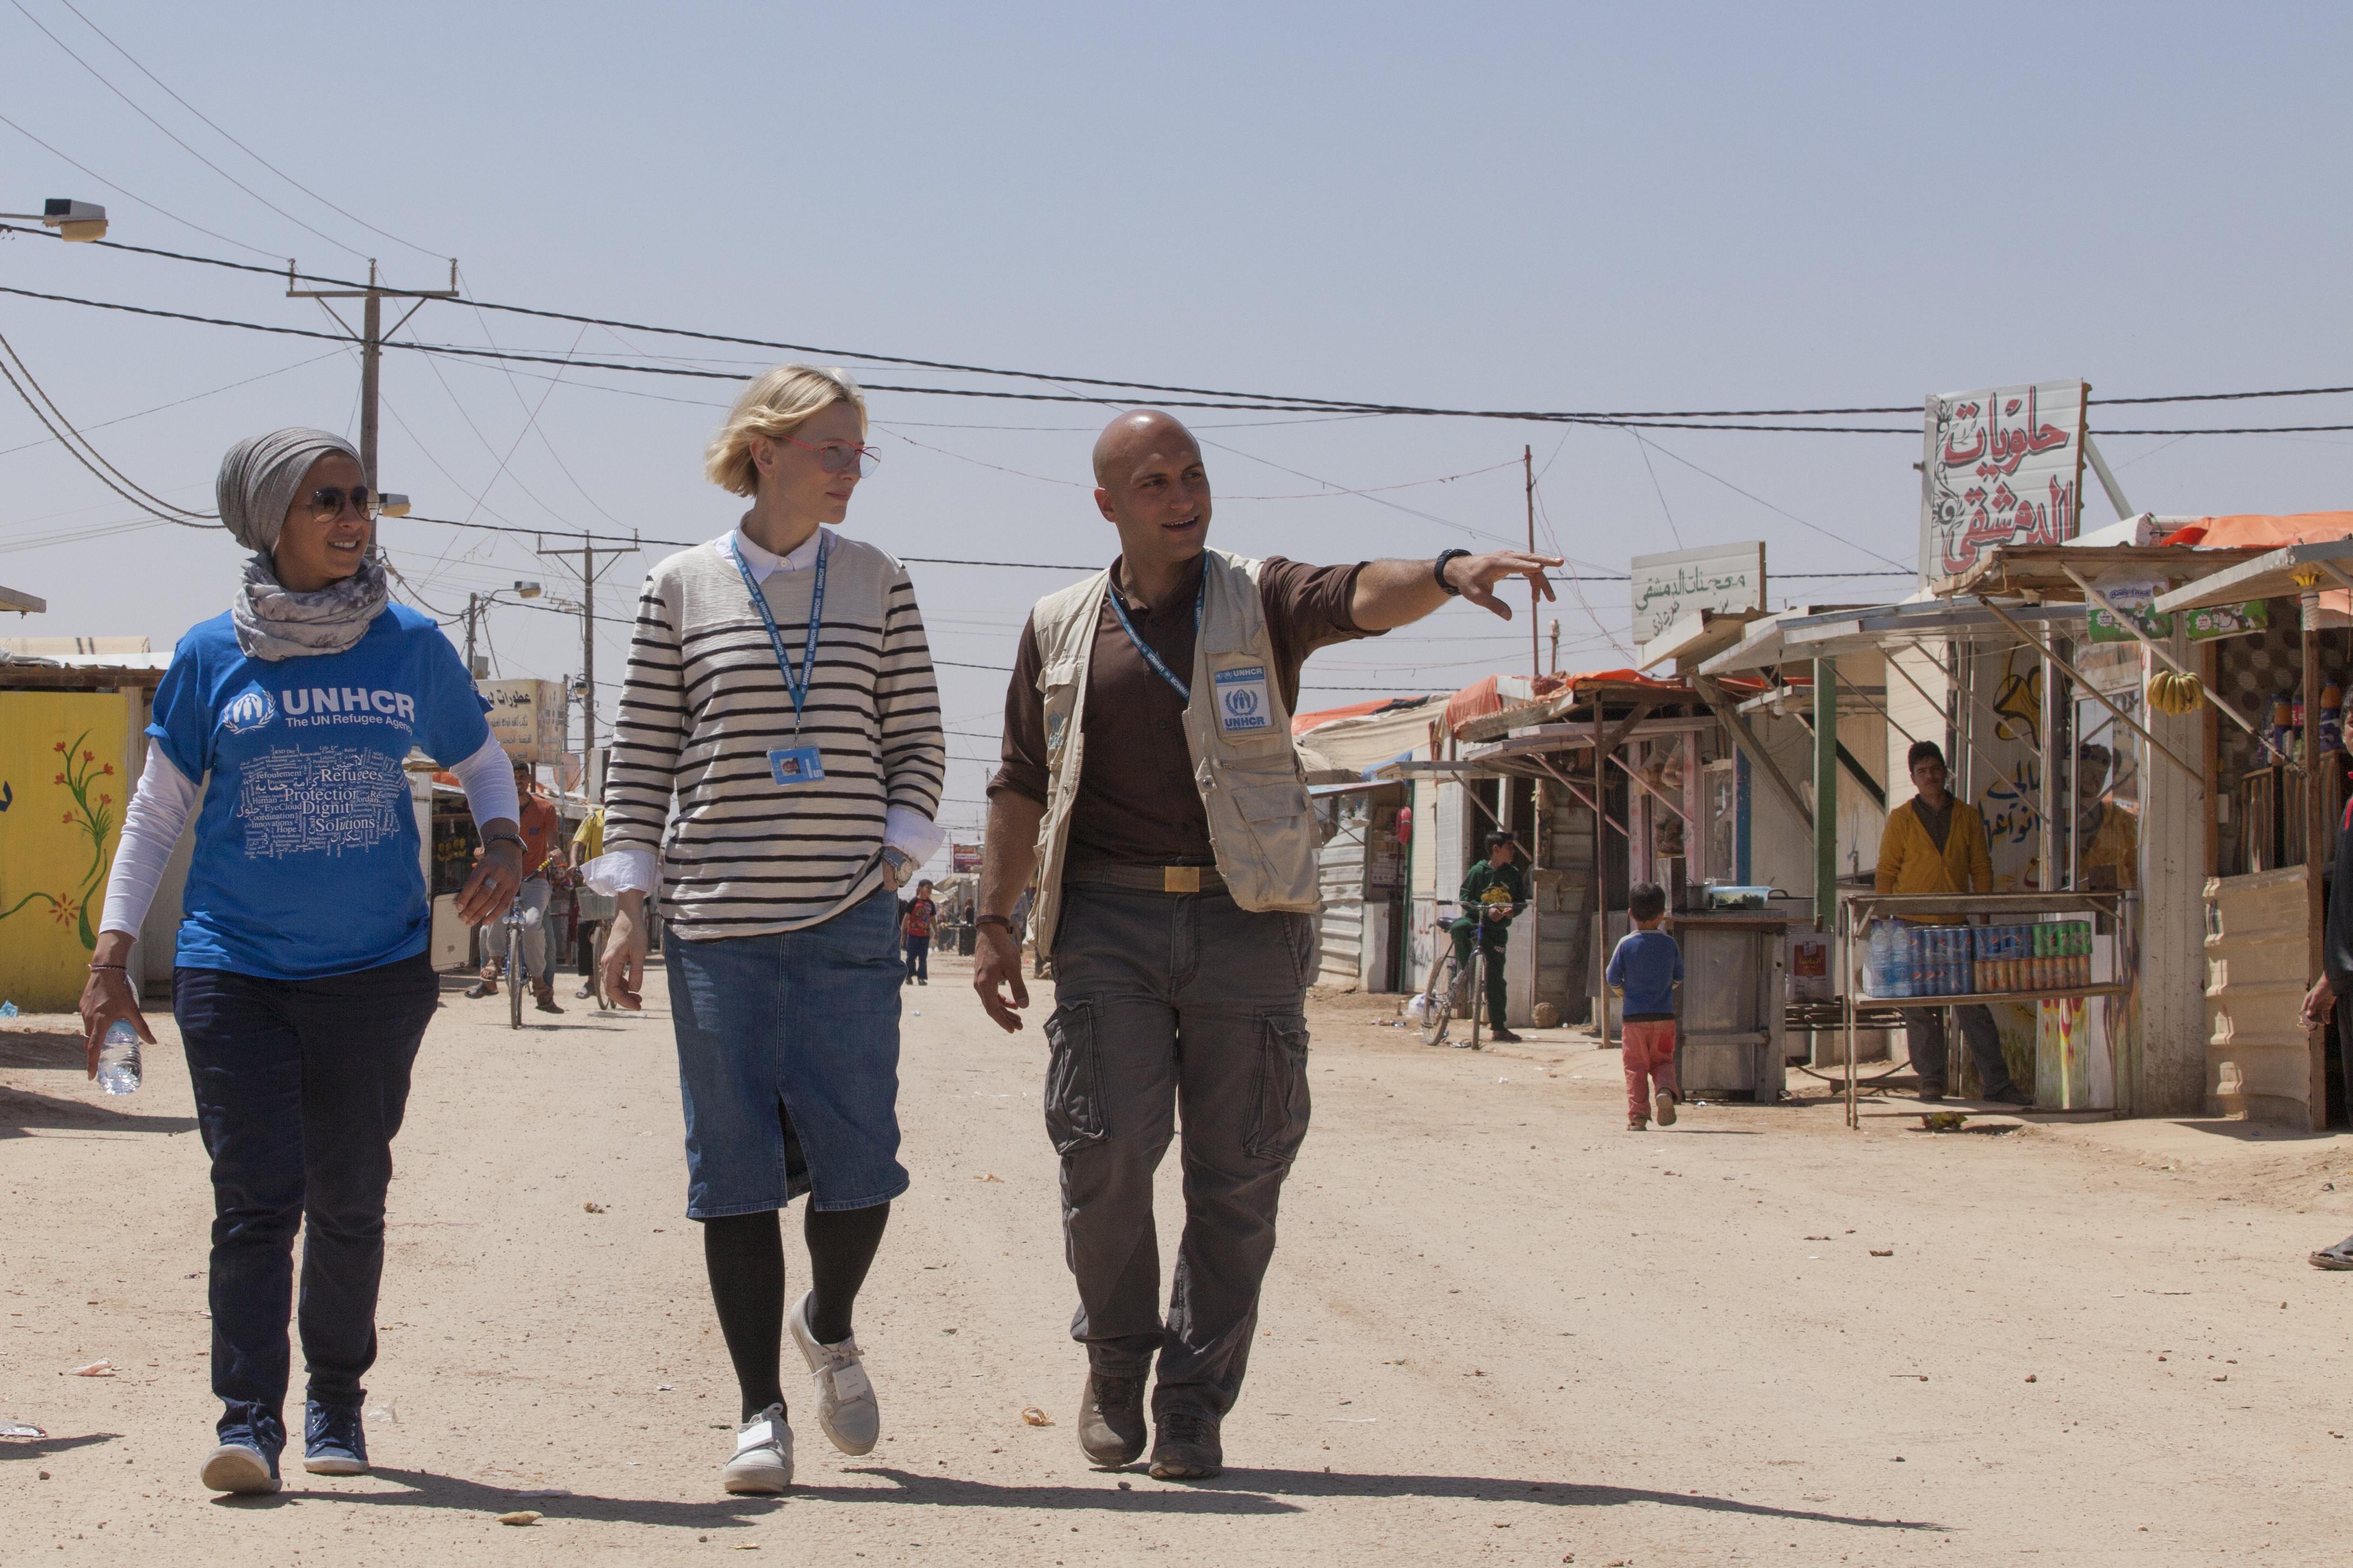 L'ambassadrice du HCR, Cate Blanchett, visite des camps de réfugiés syriens en Jordanie.